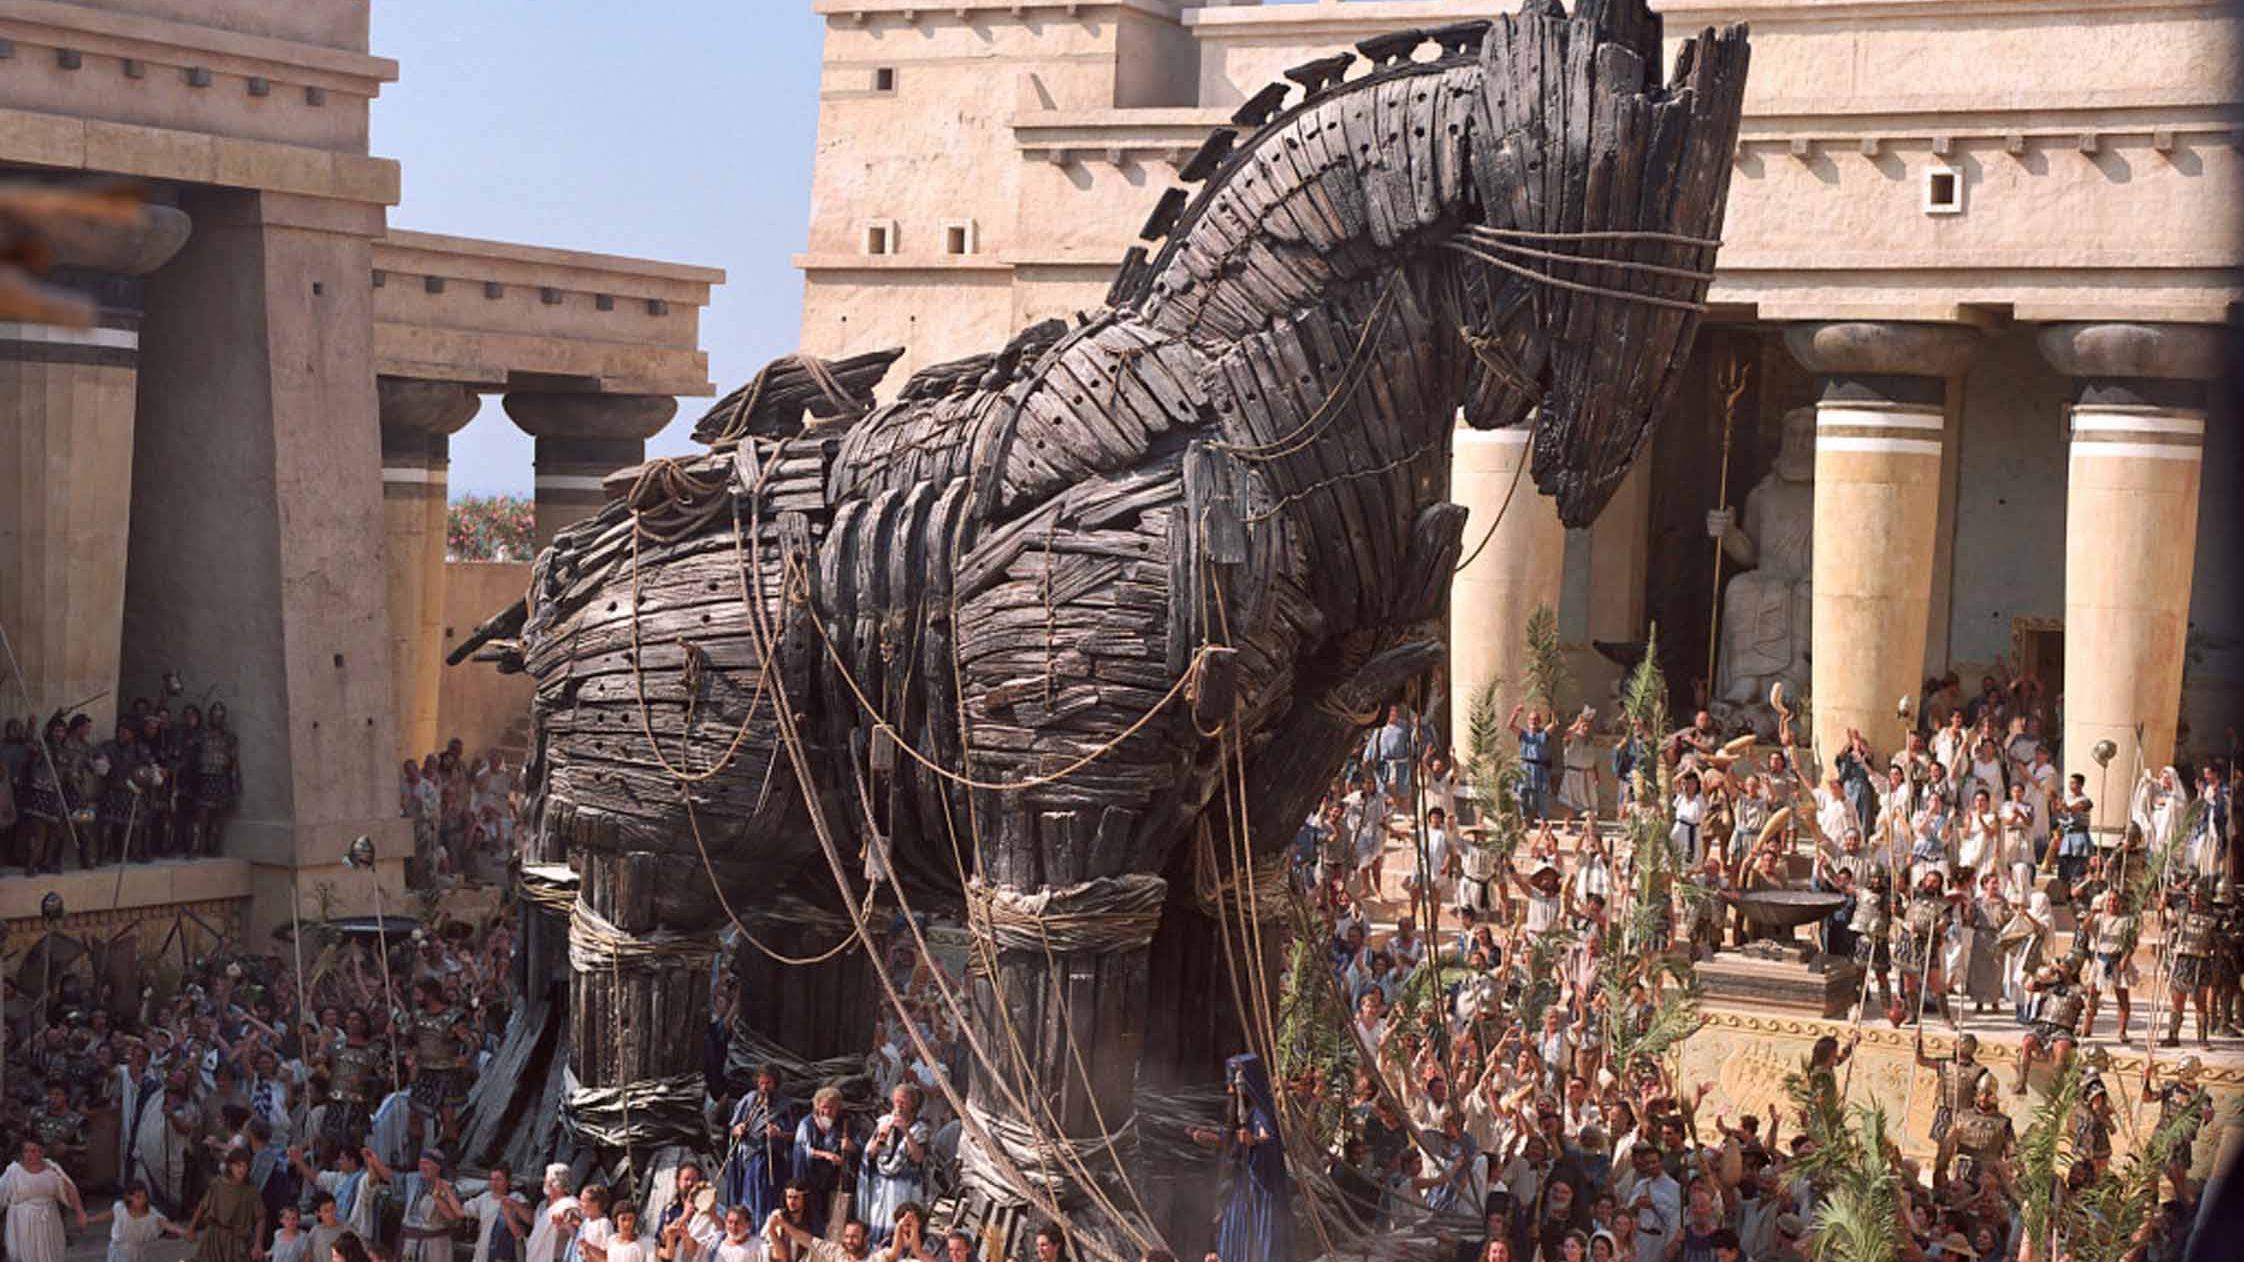 Bildergebnis für Bilder trojanisches Pferd